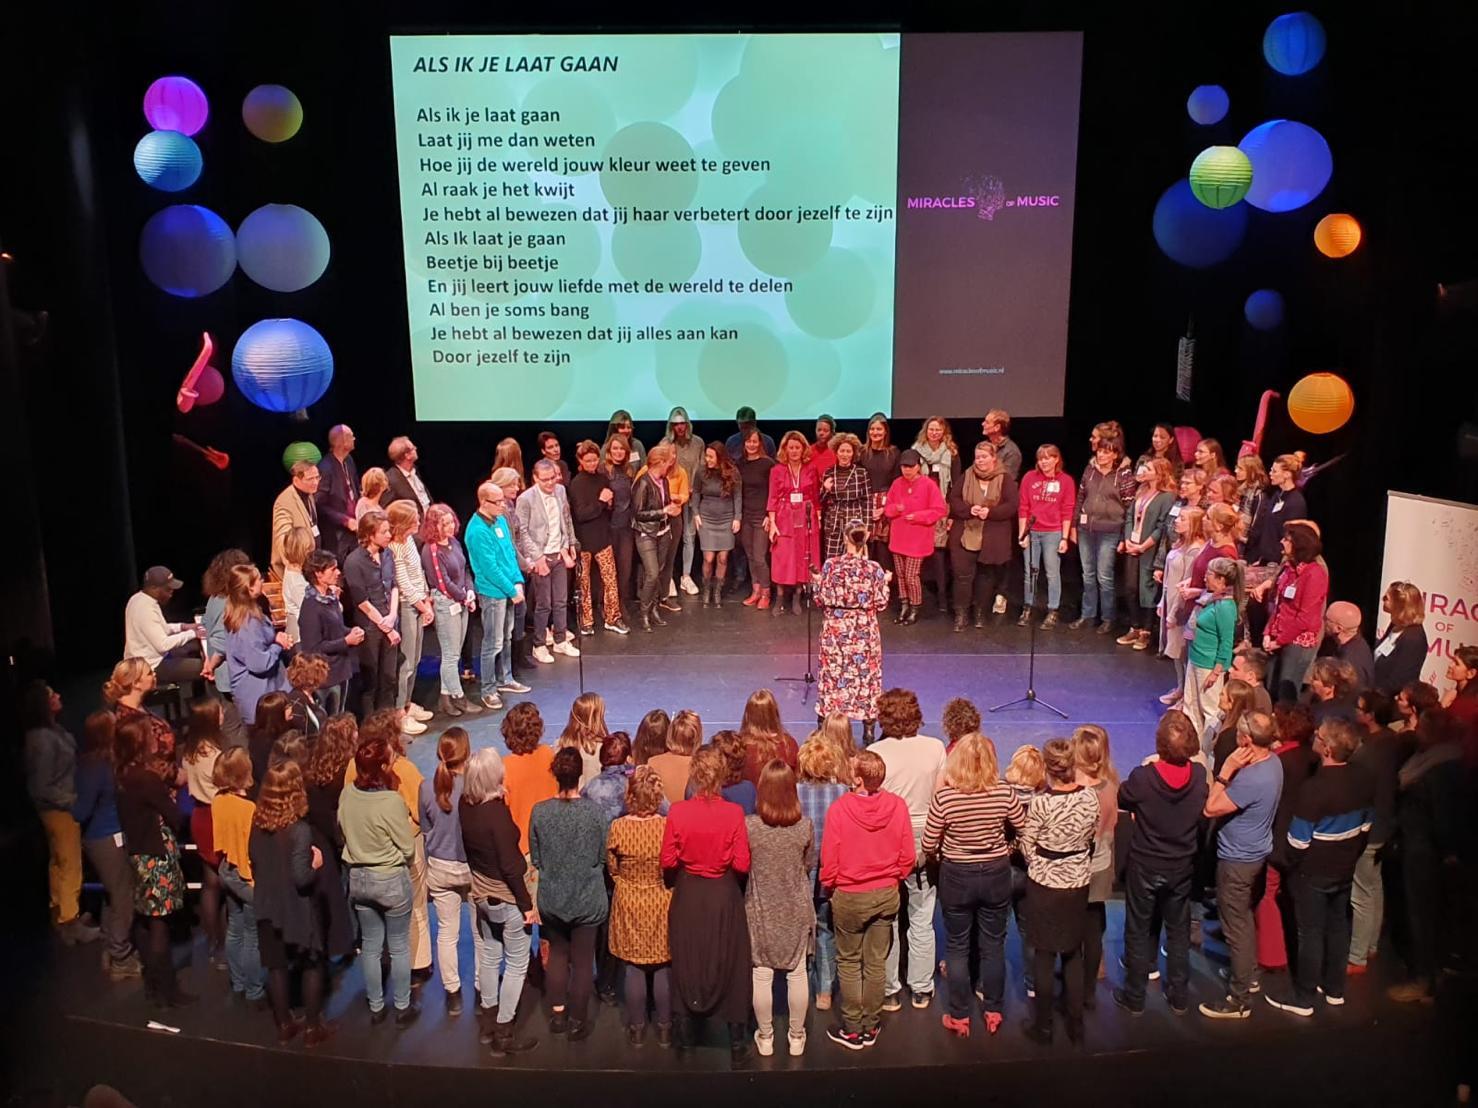 (Nederlands) Muziek zorgt voor een beter leven! #meermuziekindezorg